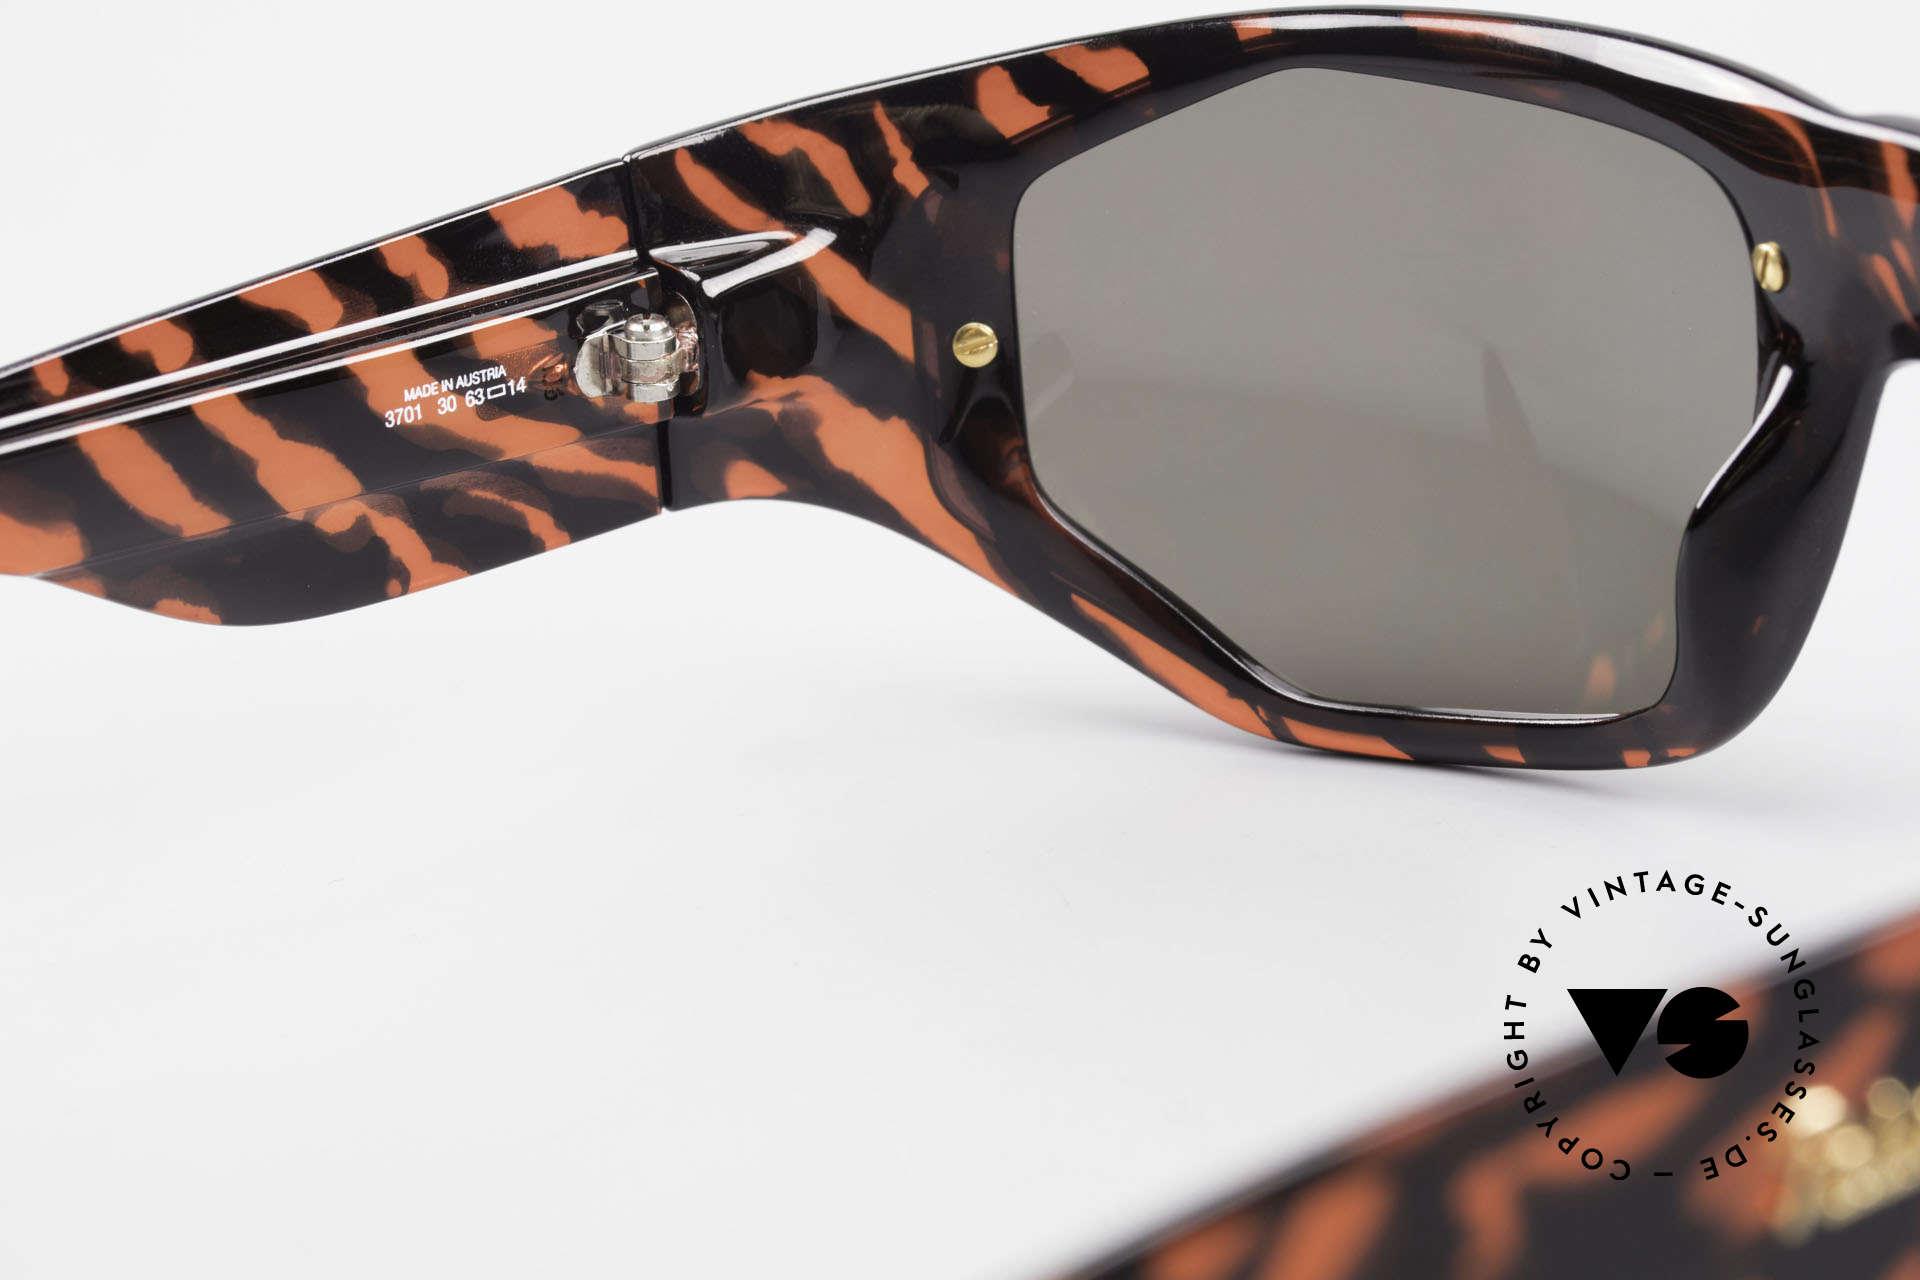 Paloma Picasso 3701 90er Wrap Sonnenbrille Damen, Keine Reproduktion, sondern ein stolzes Original!, Passend für Damen